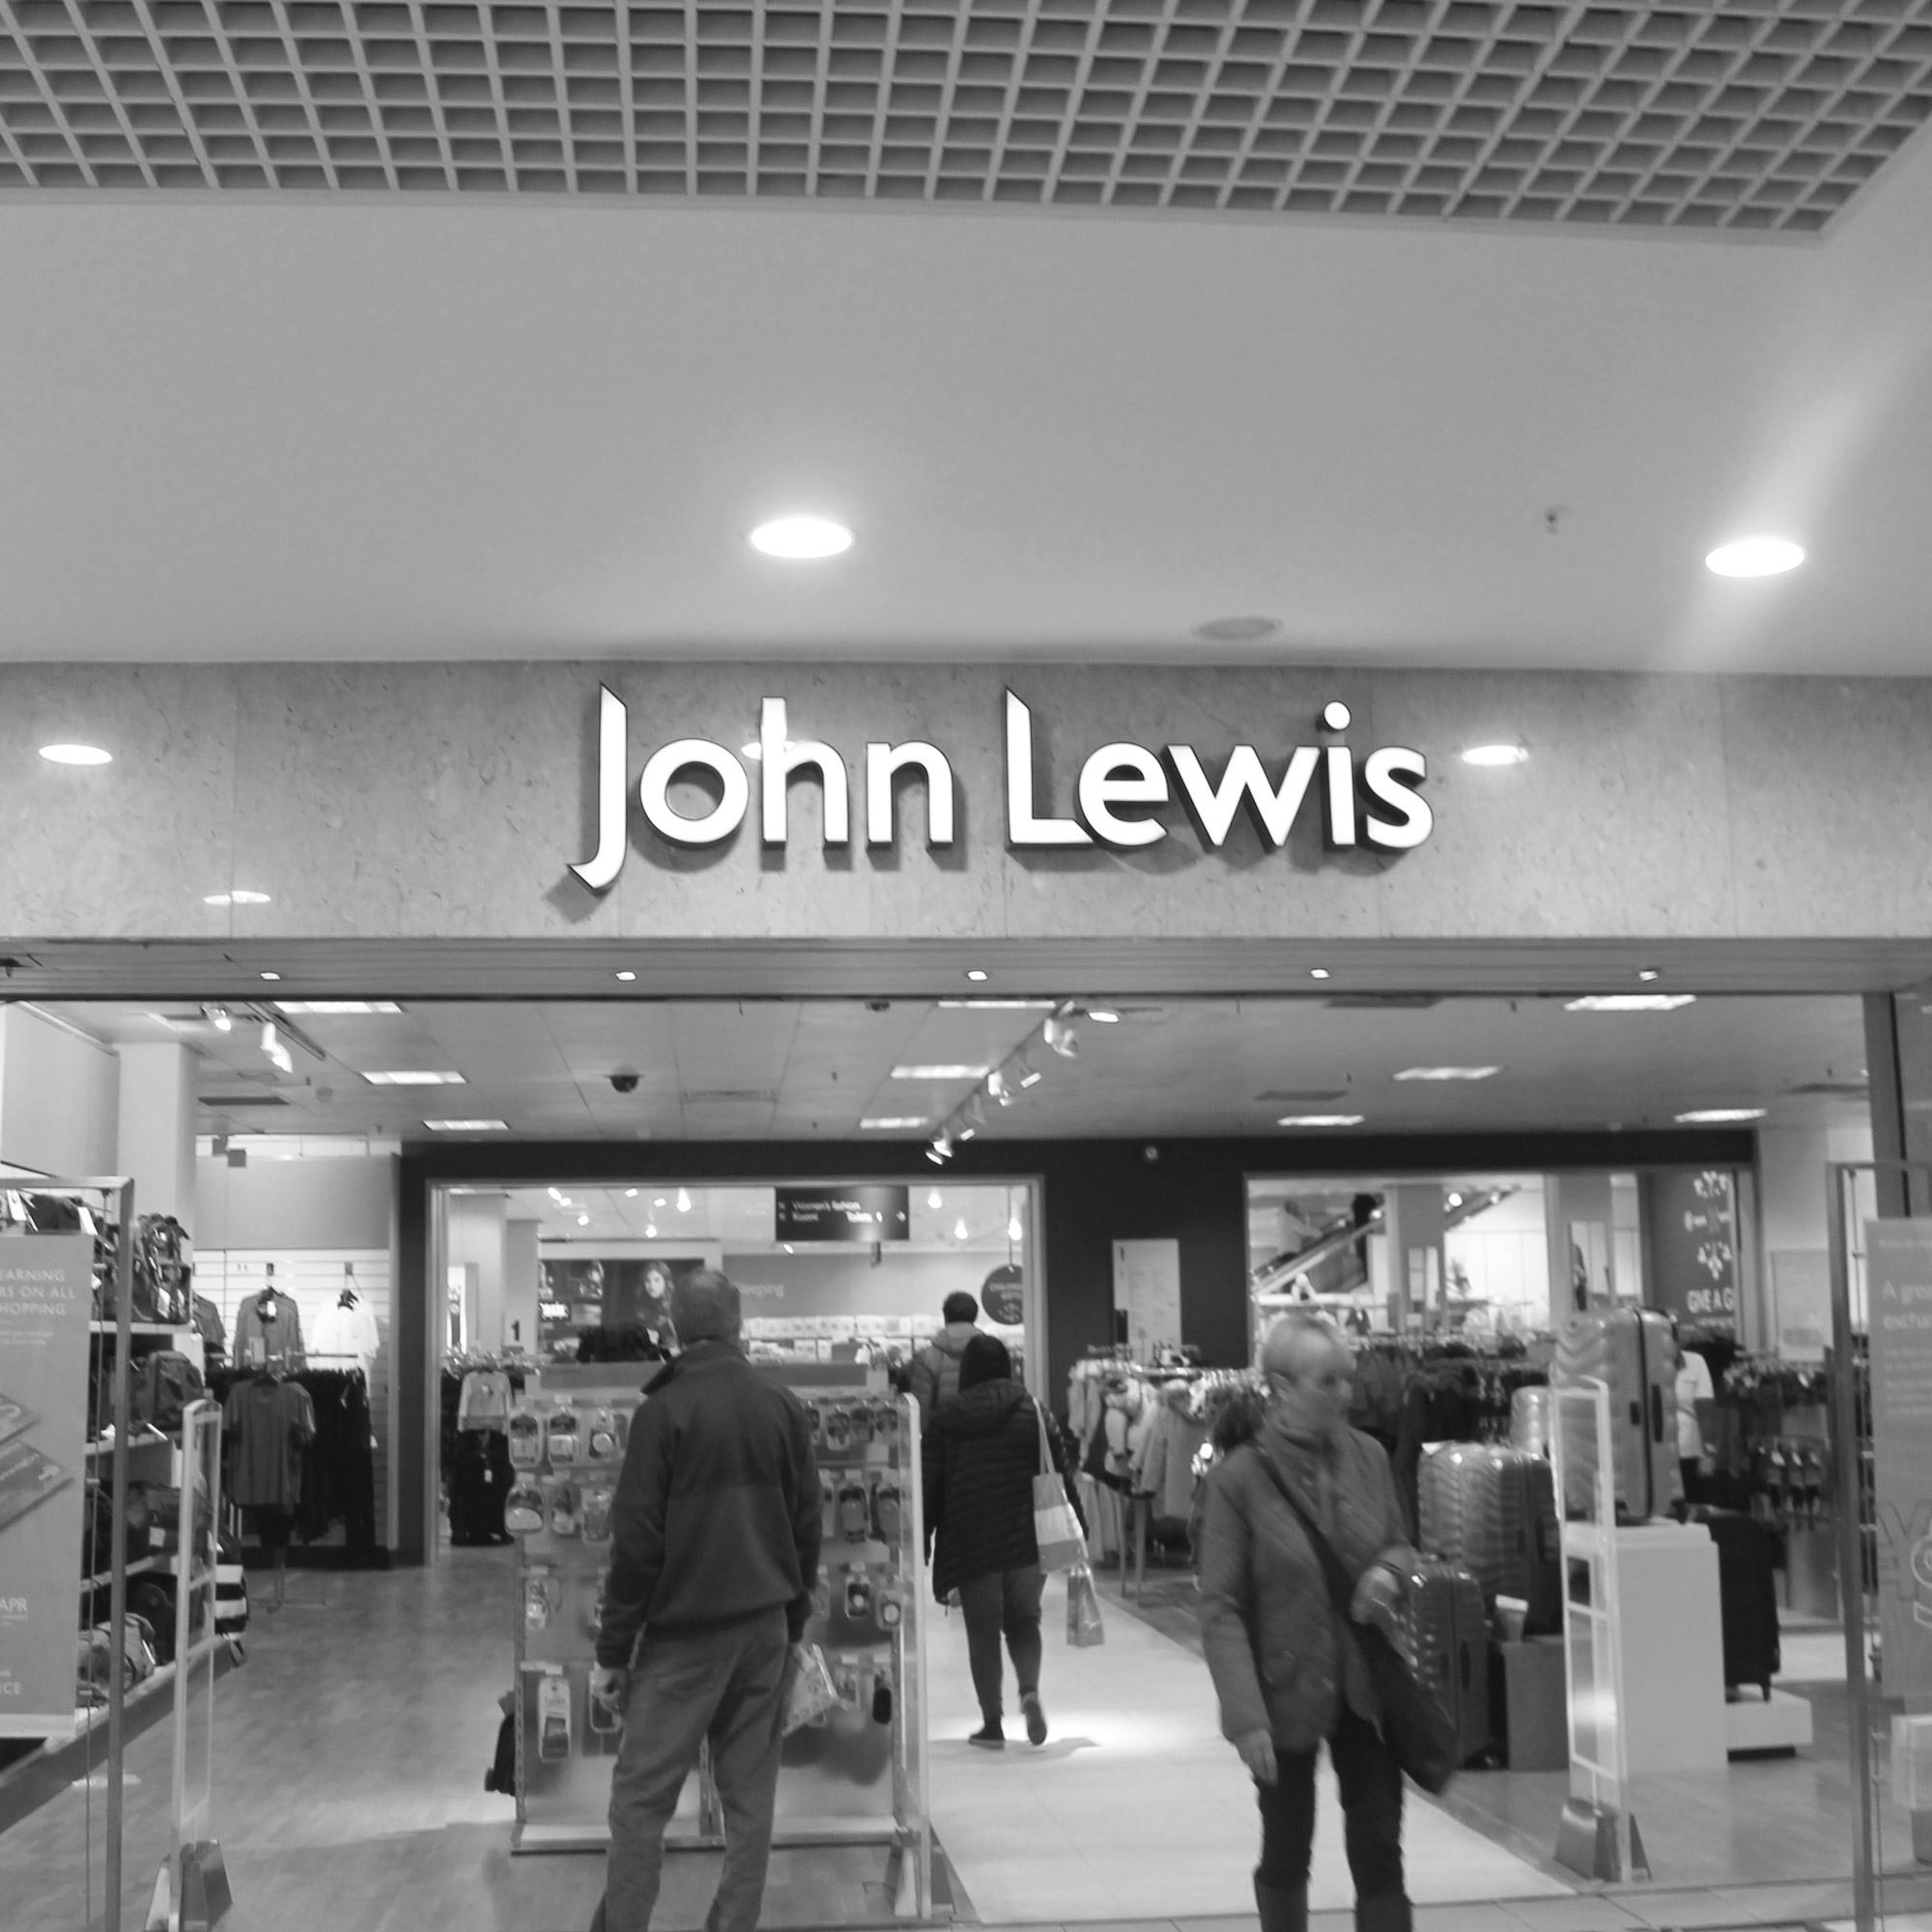 John-Lewis---Moz-The-Monster---Newcastle-Building-BW.jpg